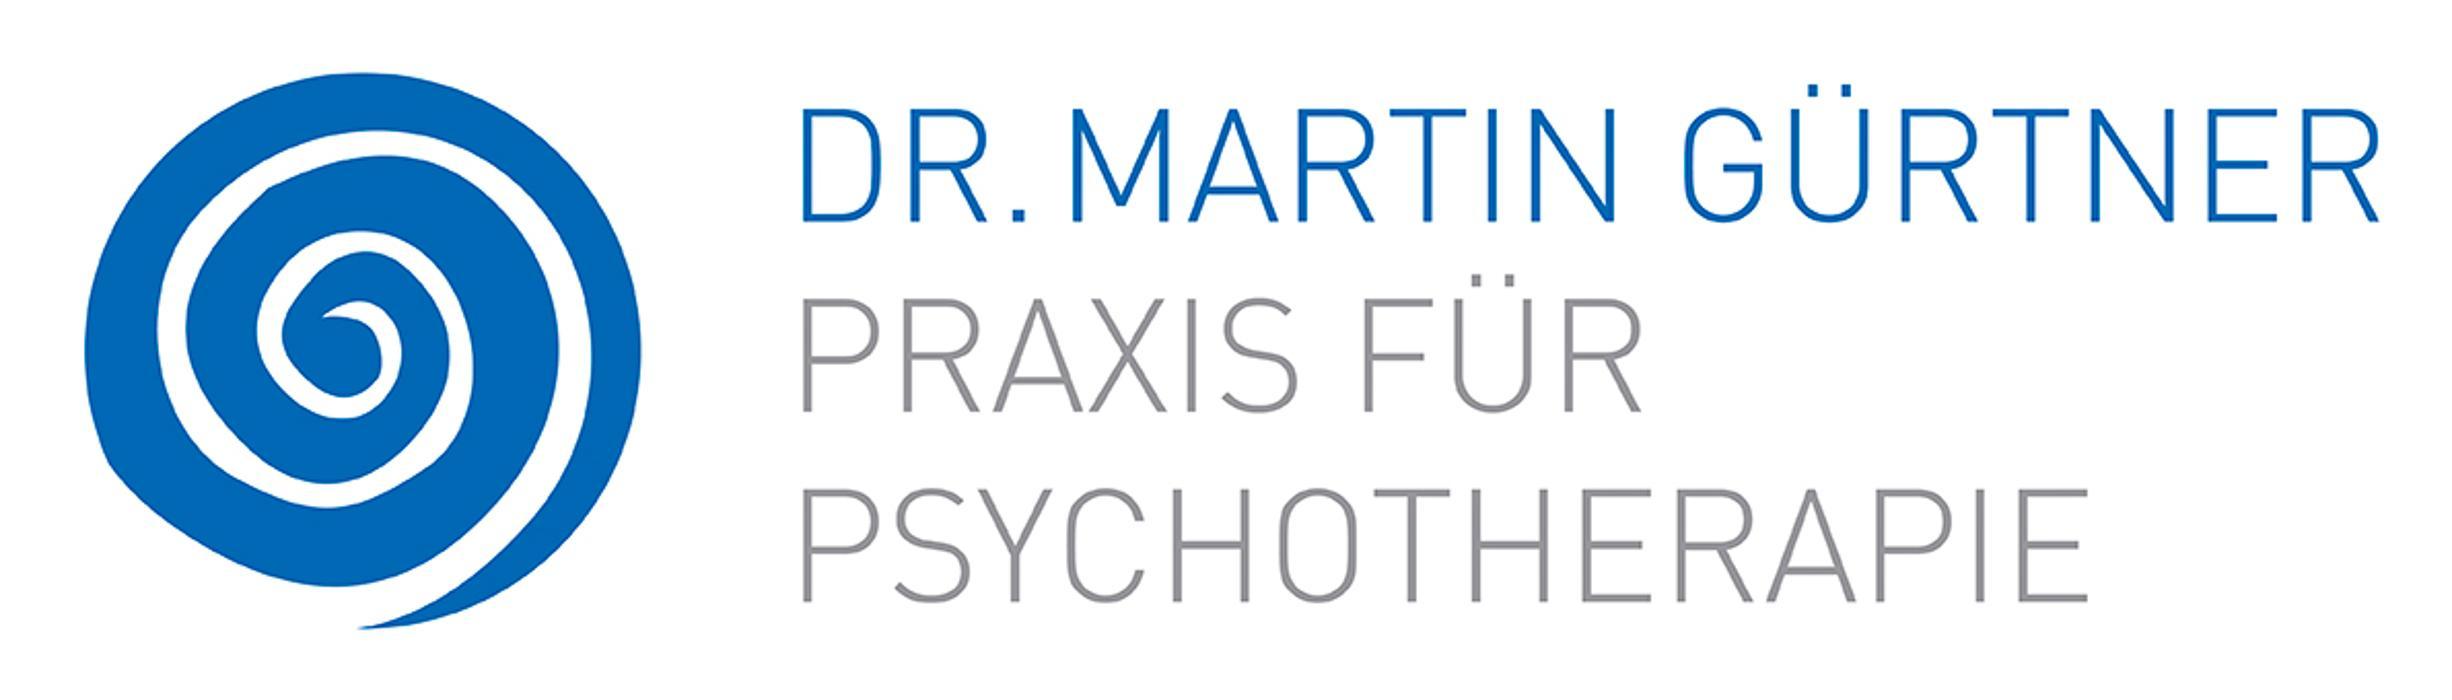 Bild zu Praxis für Psychiatrie und Psychotherapie Dr. Martin Gürtner in München